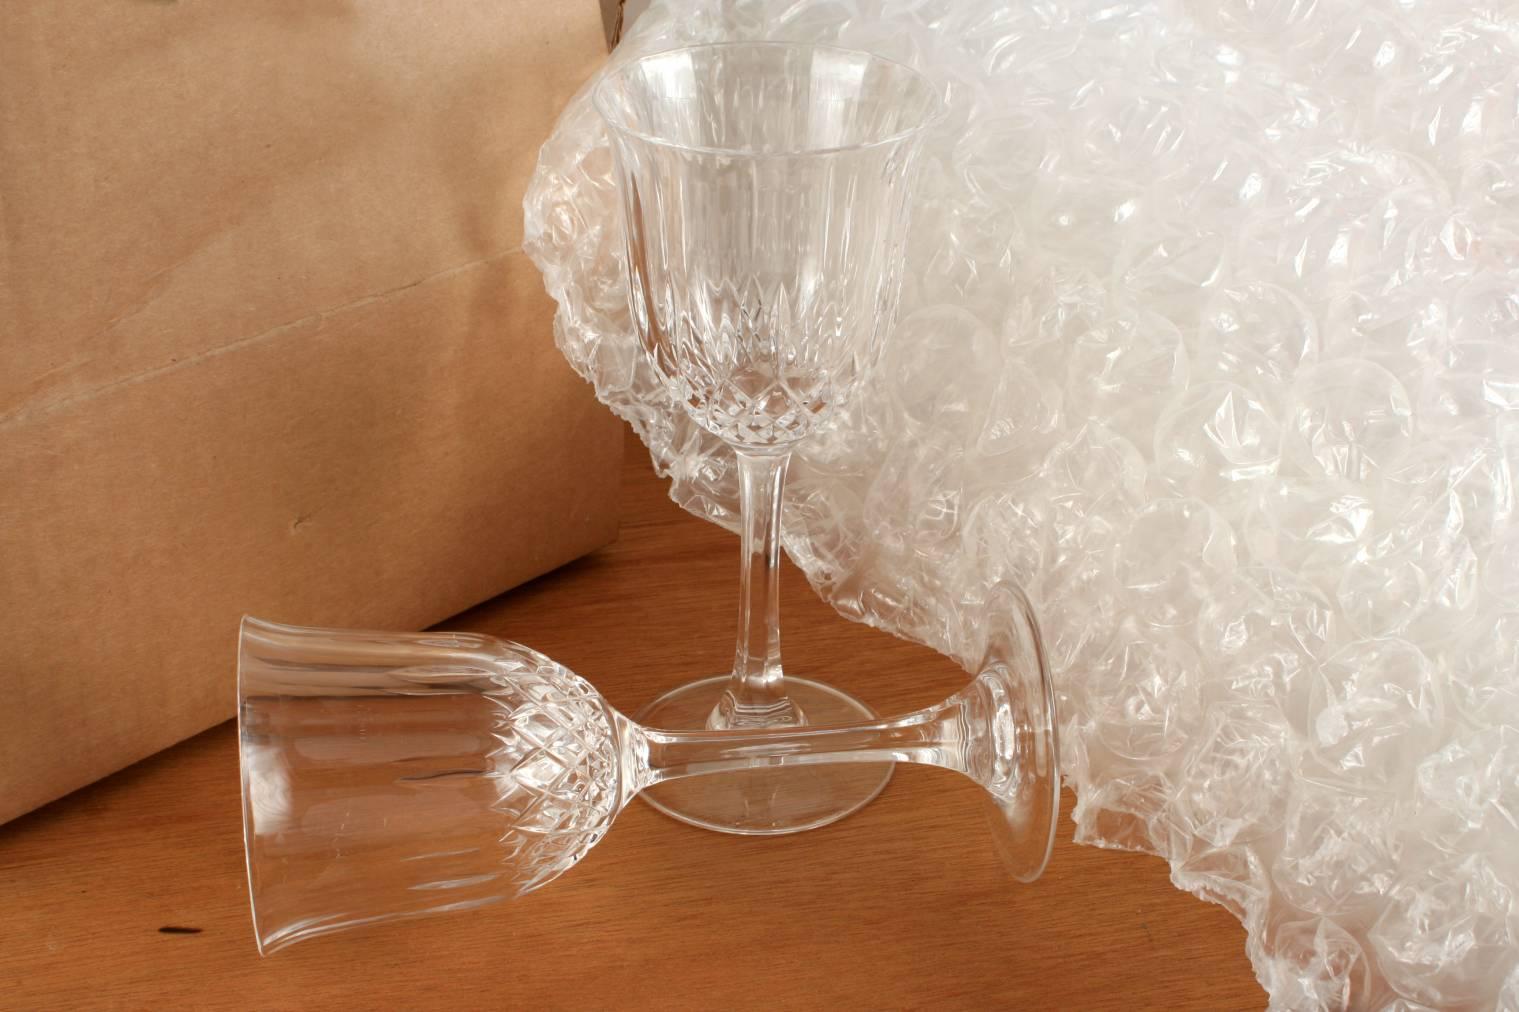 Comment emballer le verre en vue d'un déménagement ?